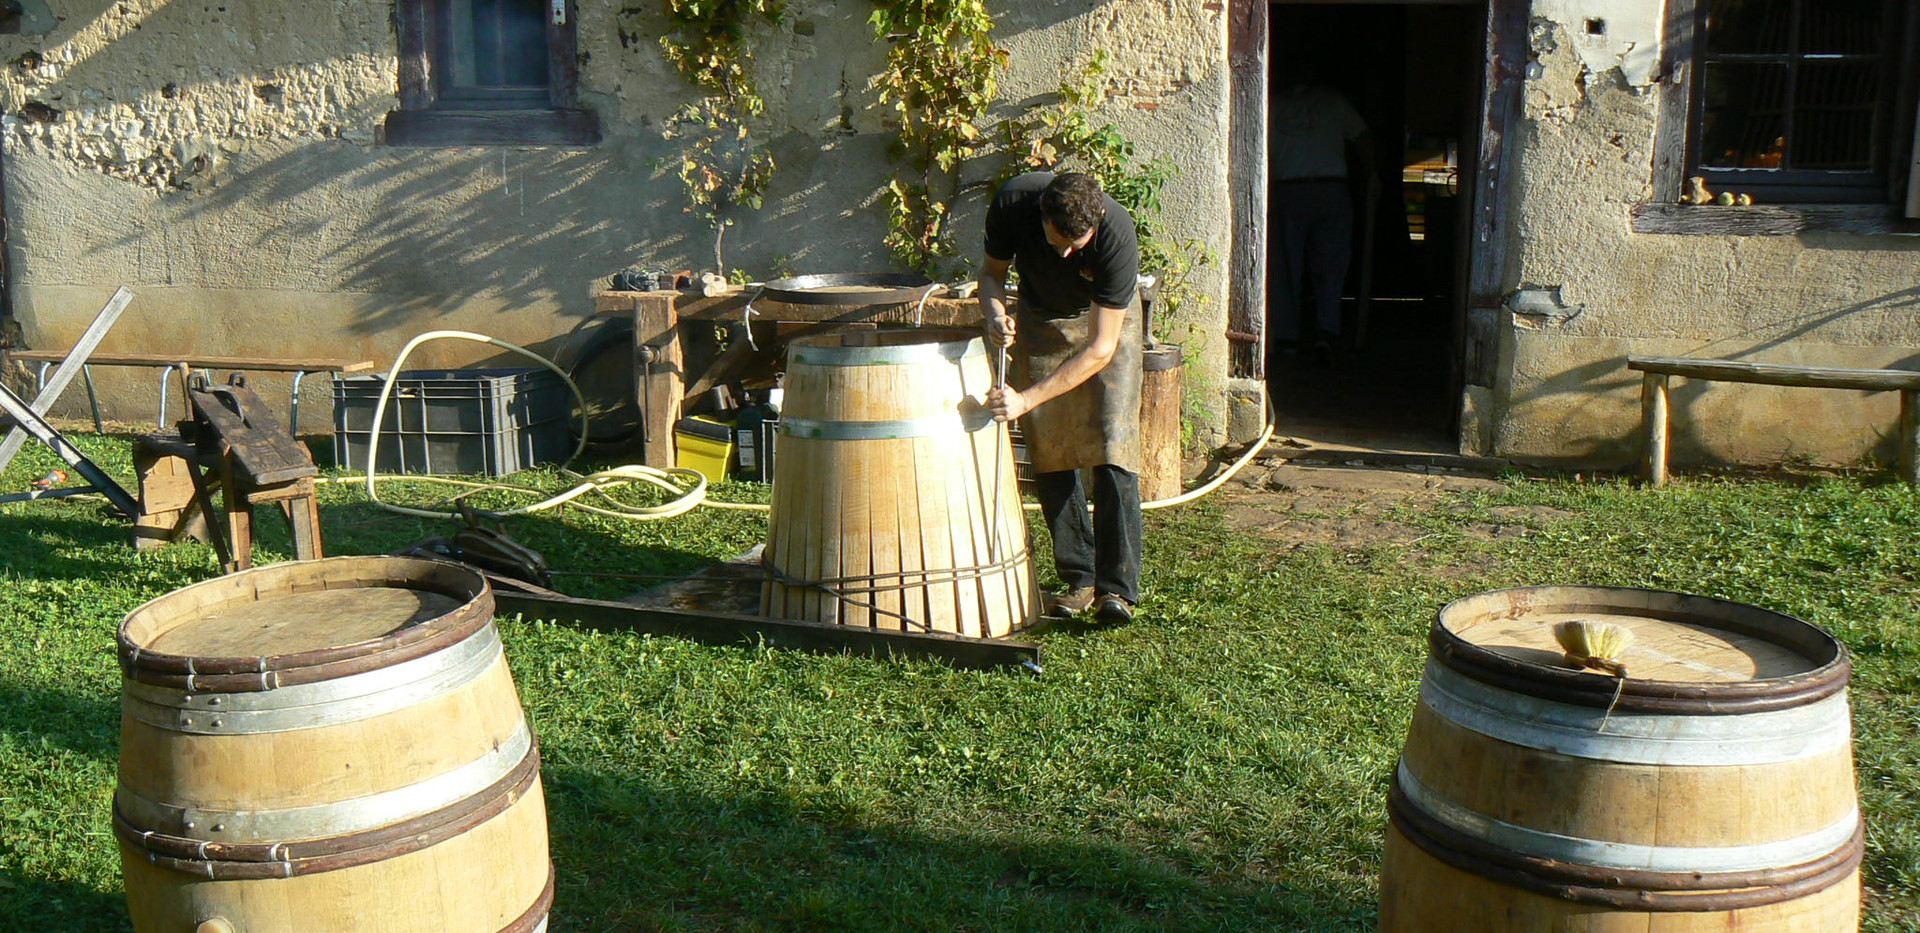 2009. Les métiers du bois